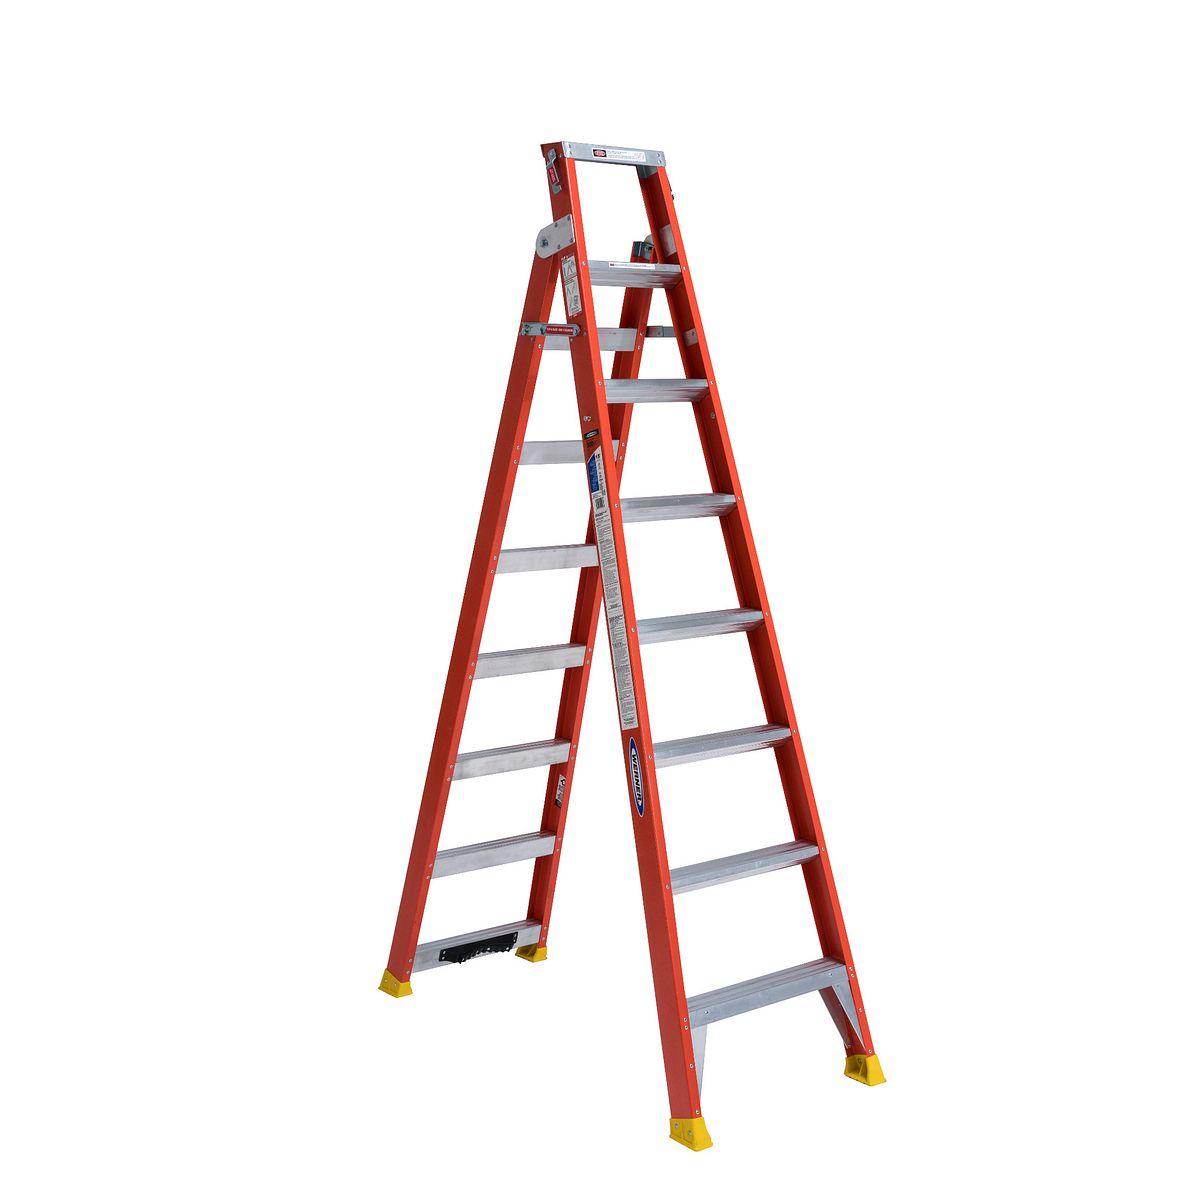 Multi-Purpose Ladders - Werner